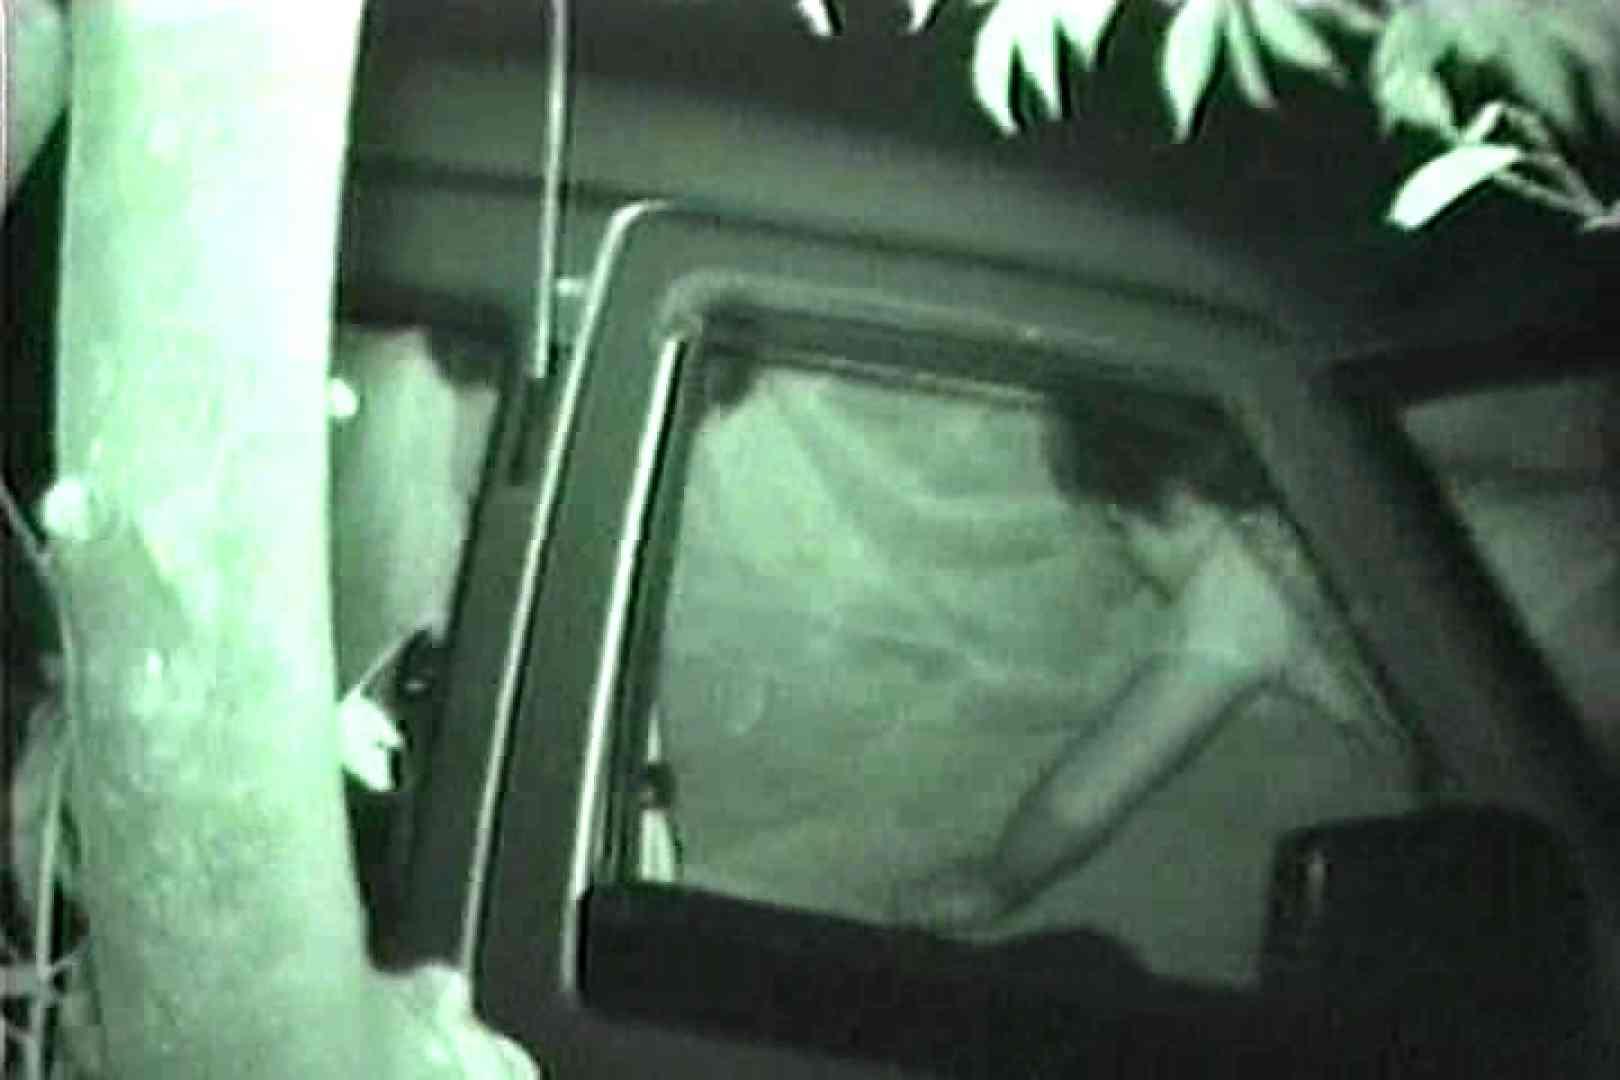 車の中はラブホテル 無修正版  Vol.9 OLの実態 のぞきおめこ無修正画像 58pic 47